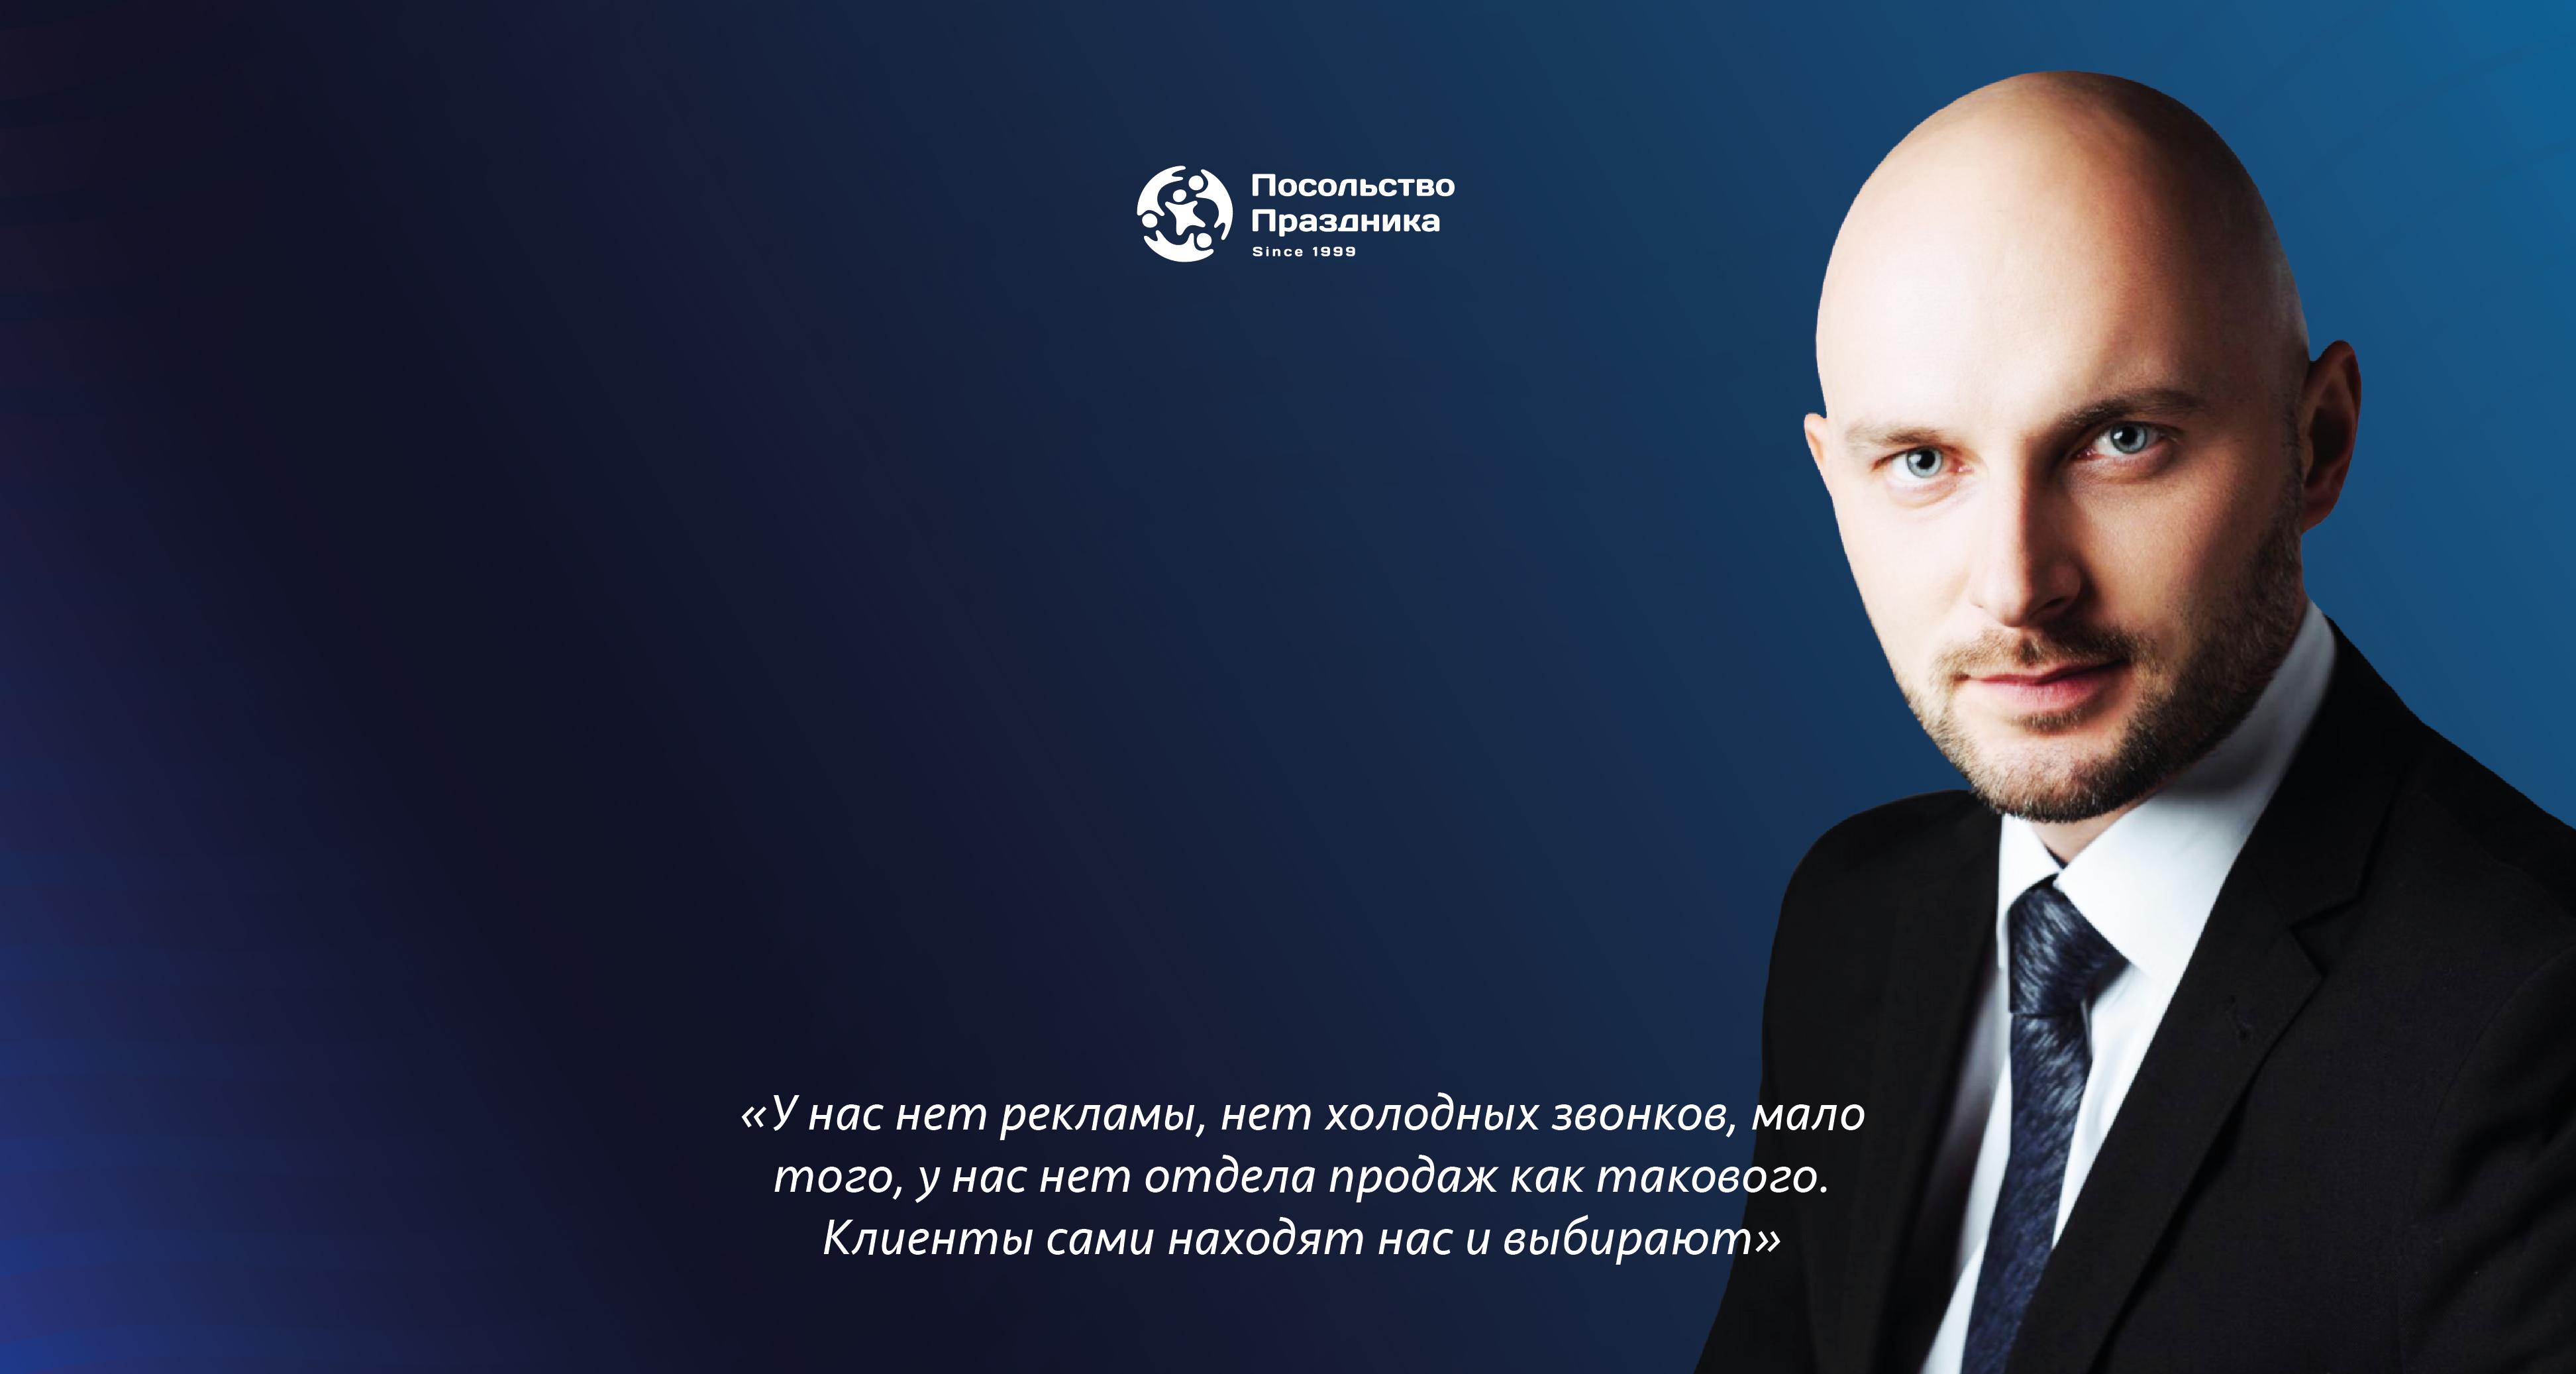 Интервью с Денисом Цыганковым